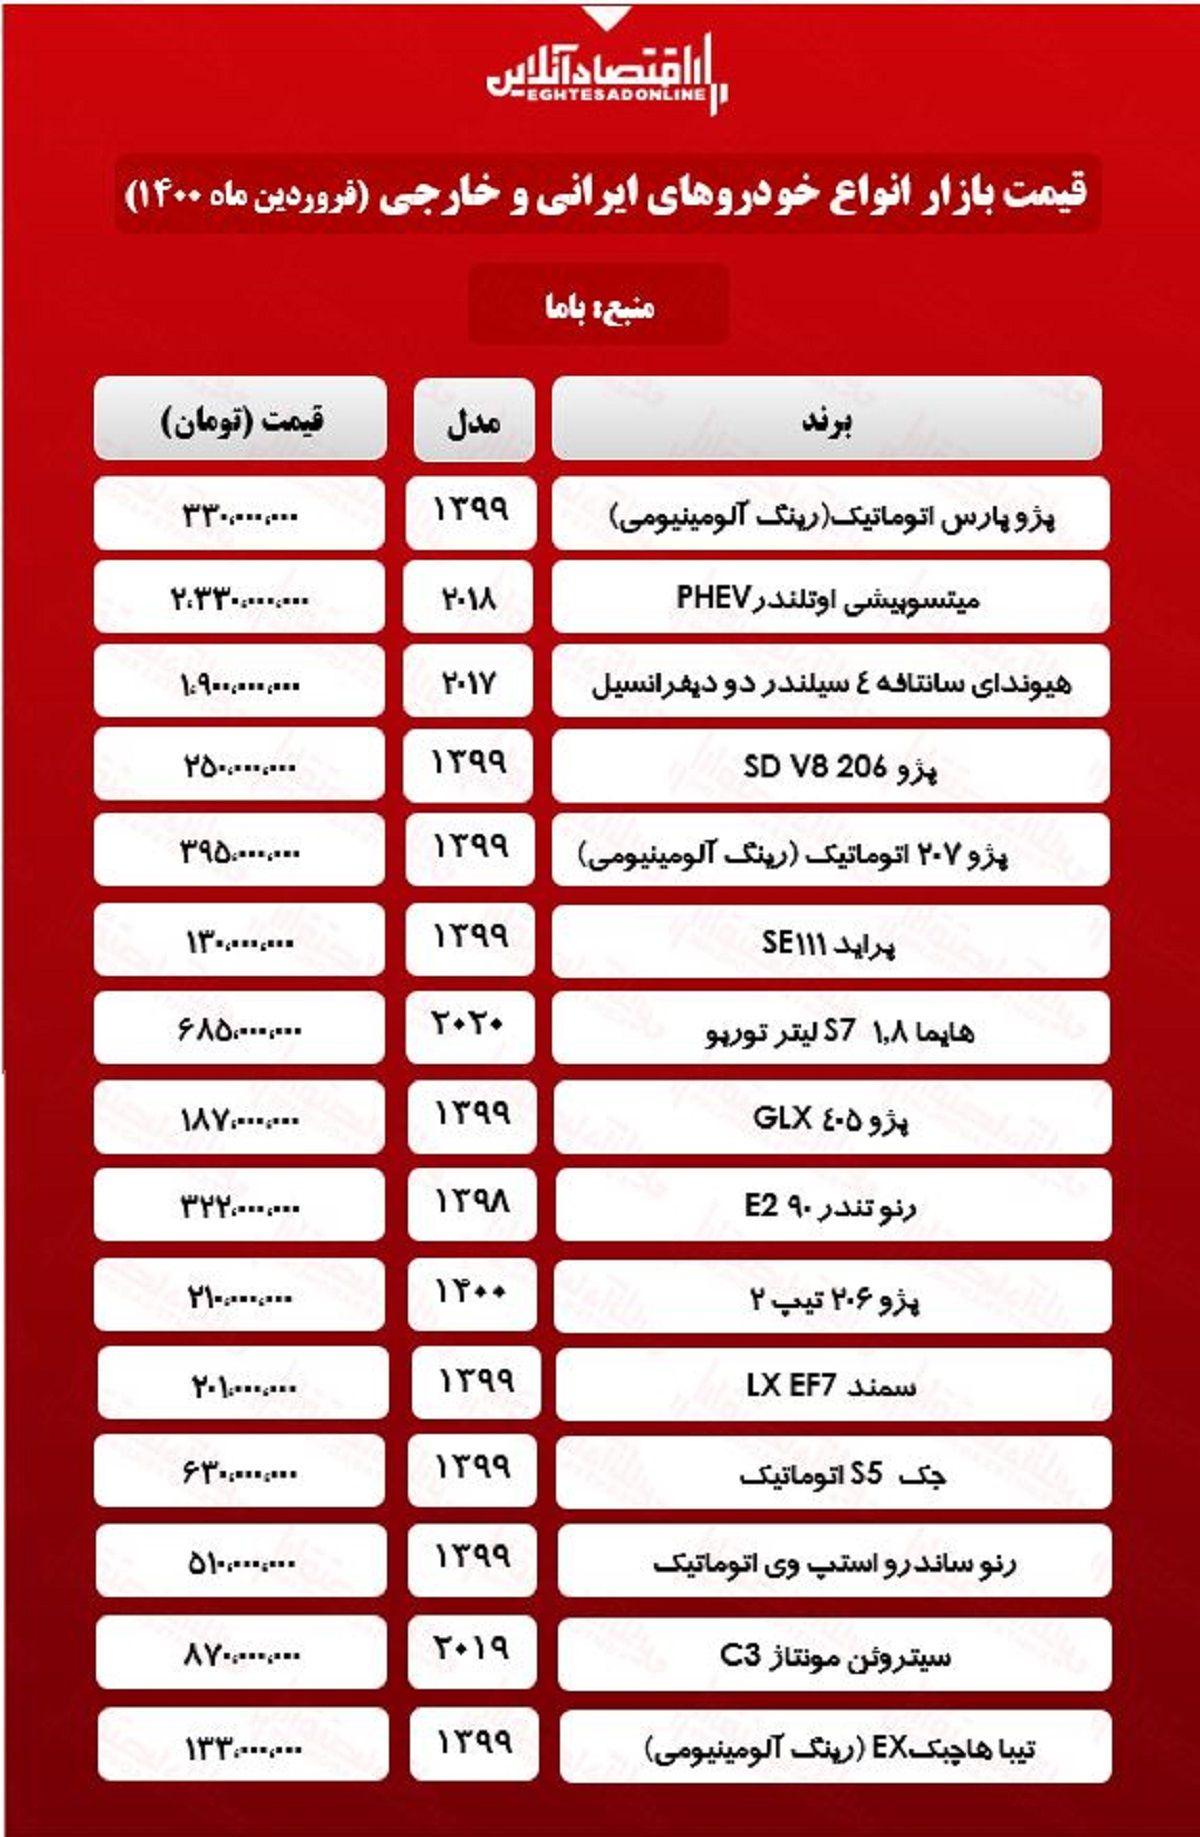 قیمت خودرو امروز ۱۴۰۰/۱/۲۳